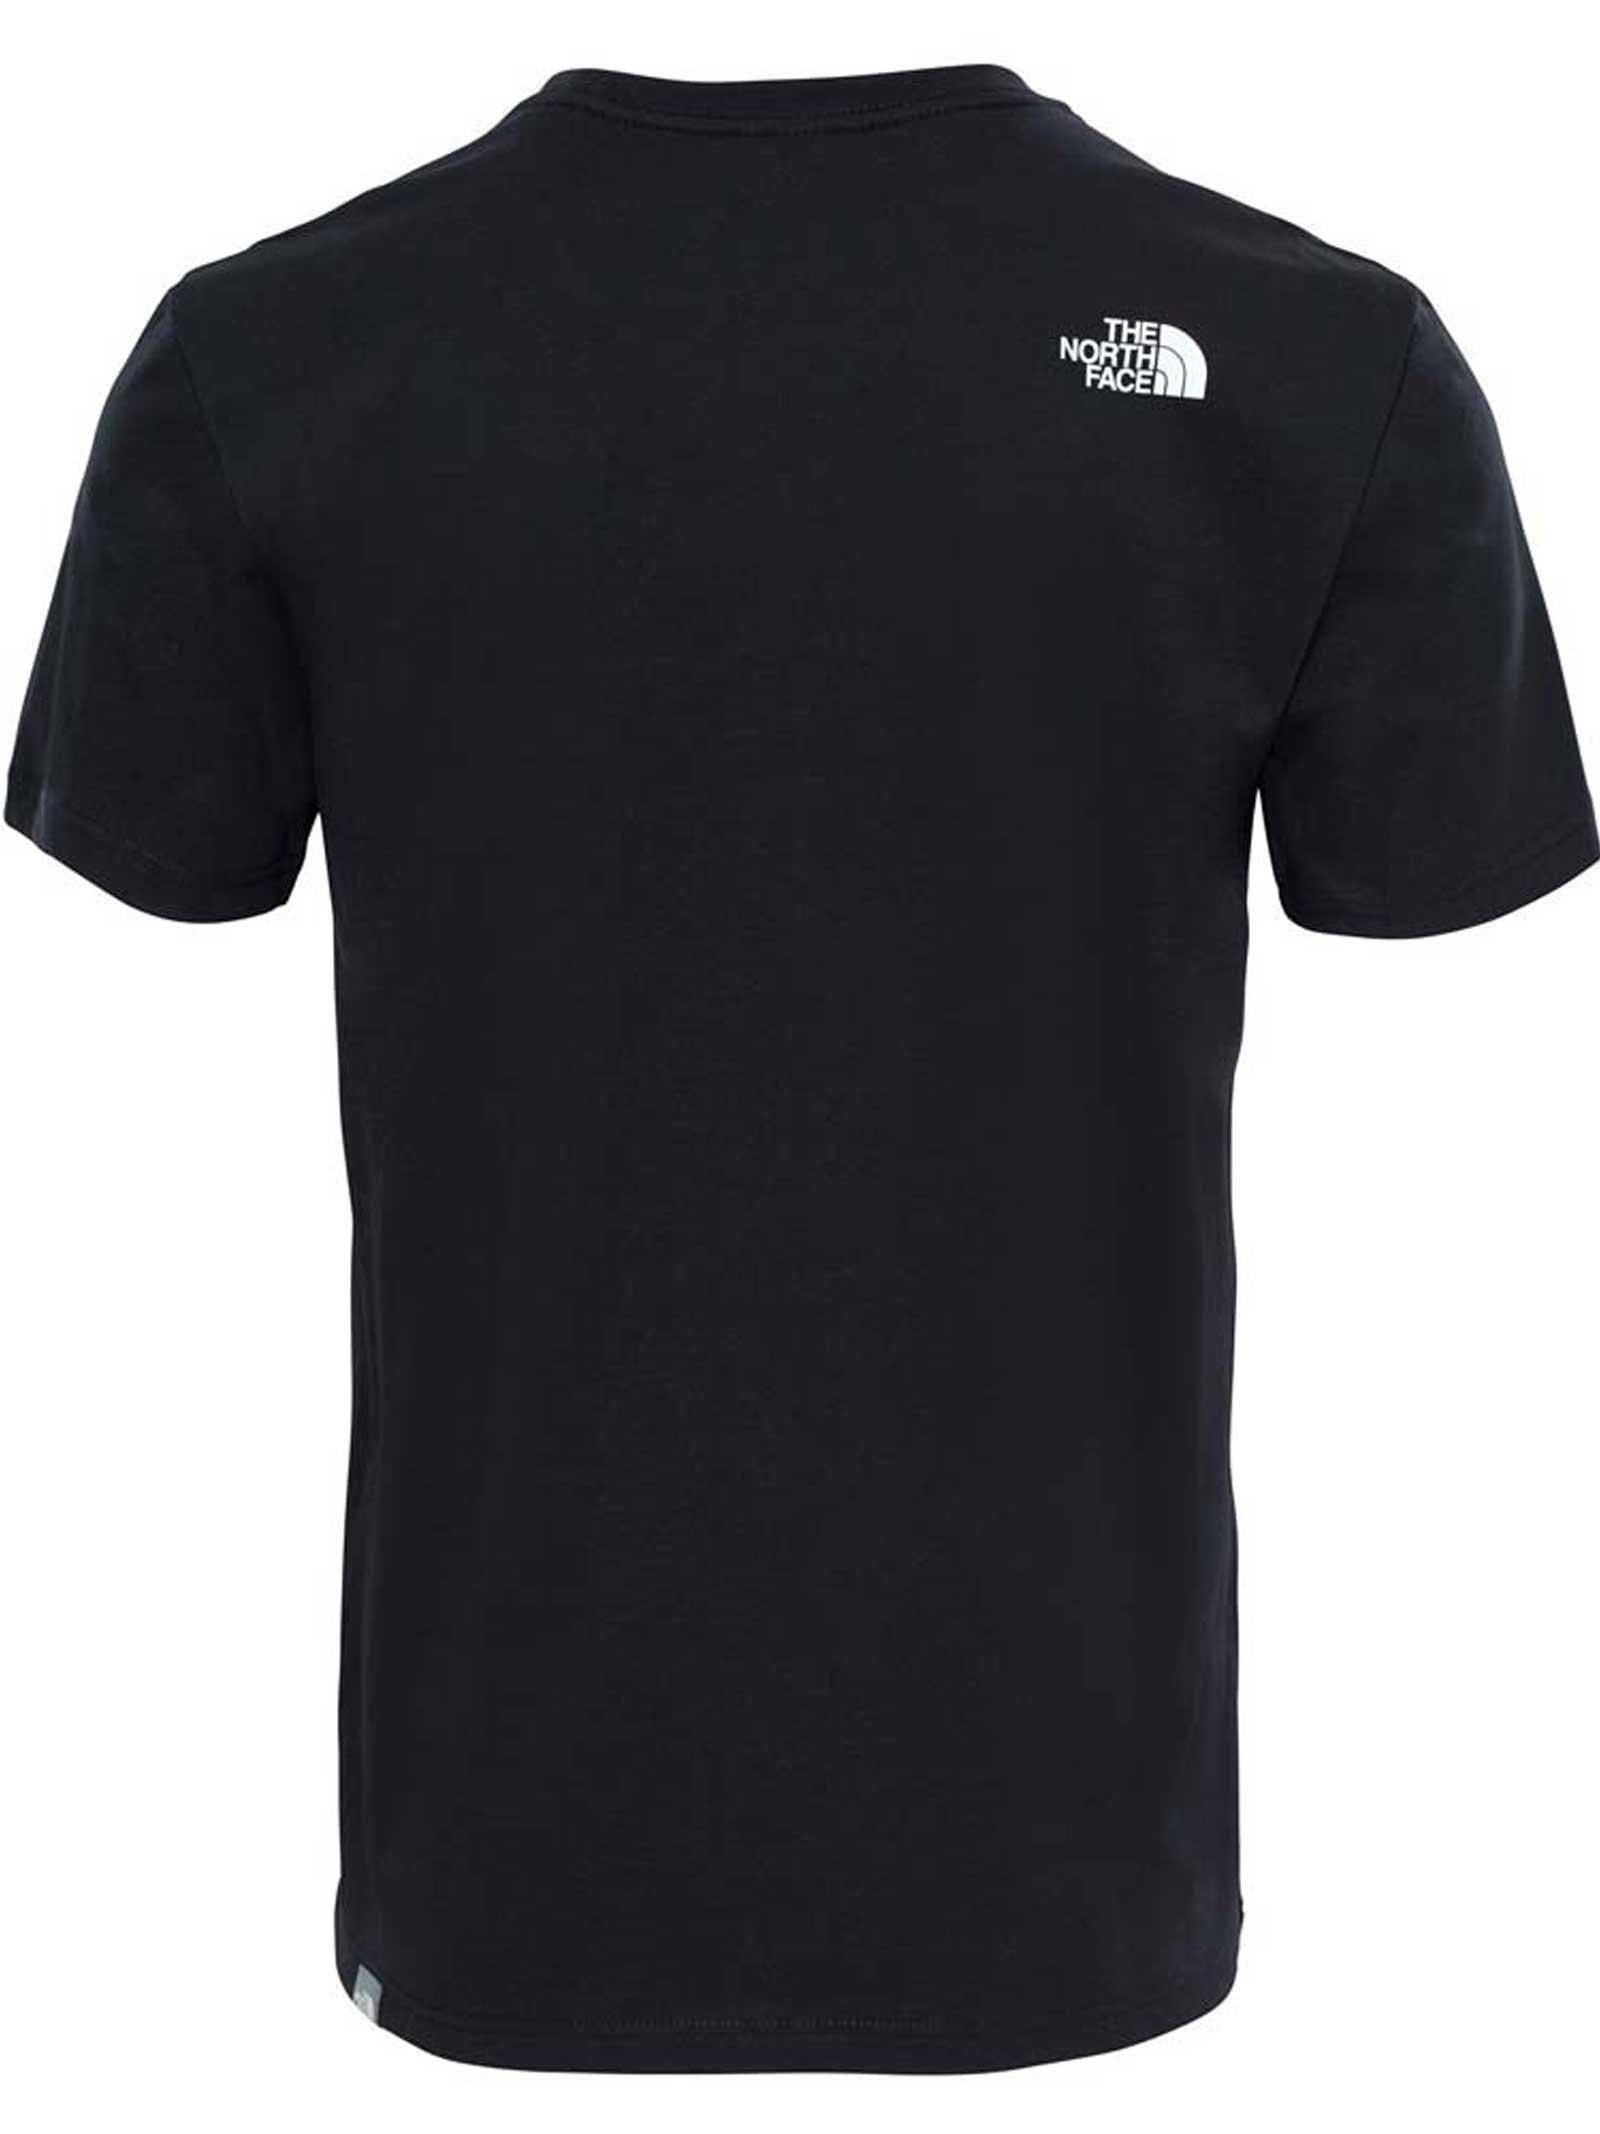 T-SHIRT THE NORTH FACE THE NORTH FACE | T-shirt | NF0A2TX4JK31